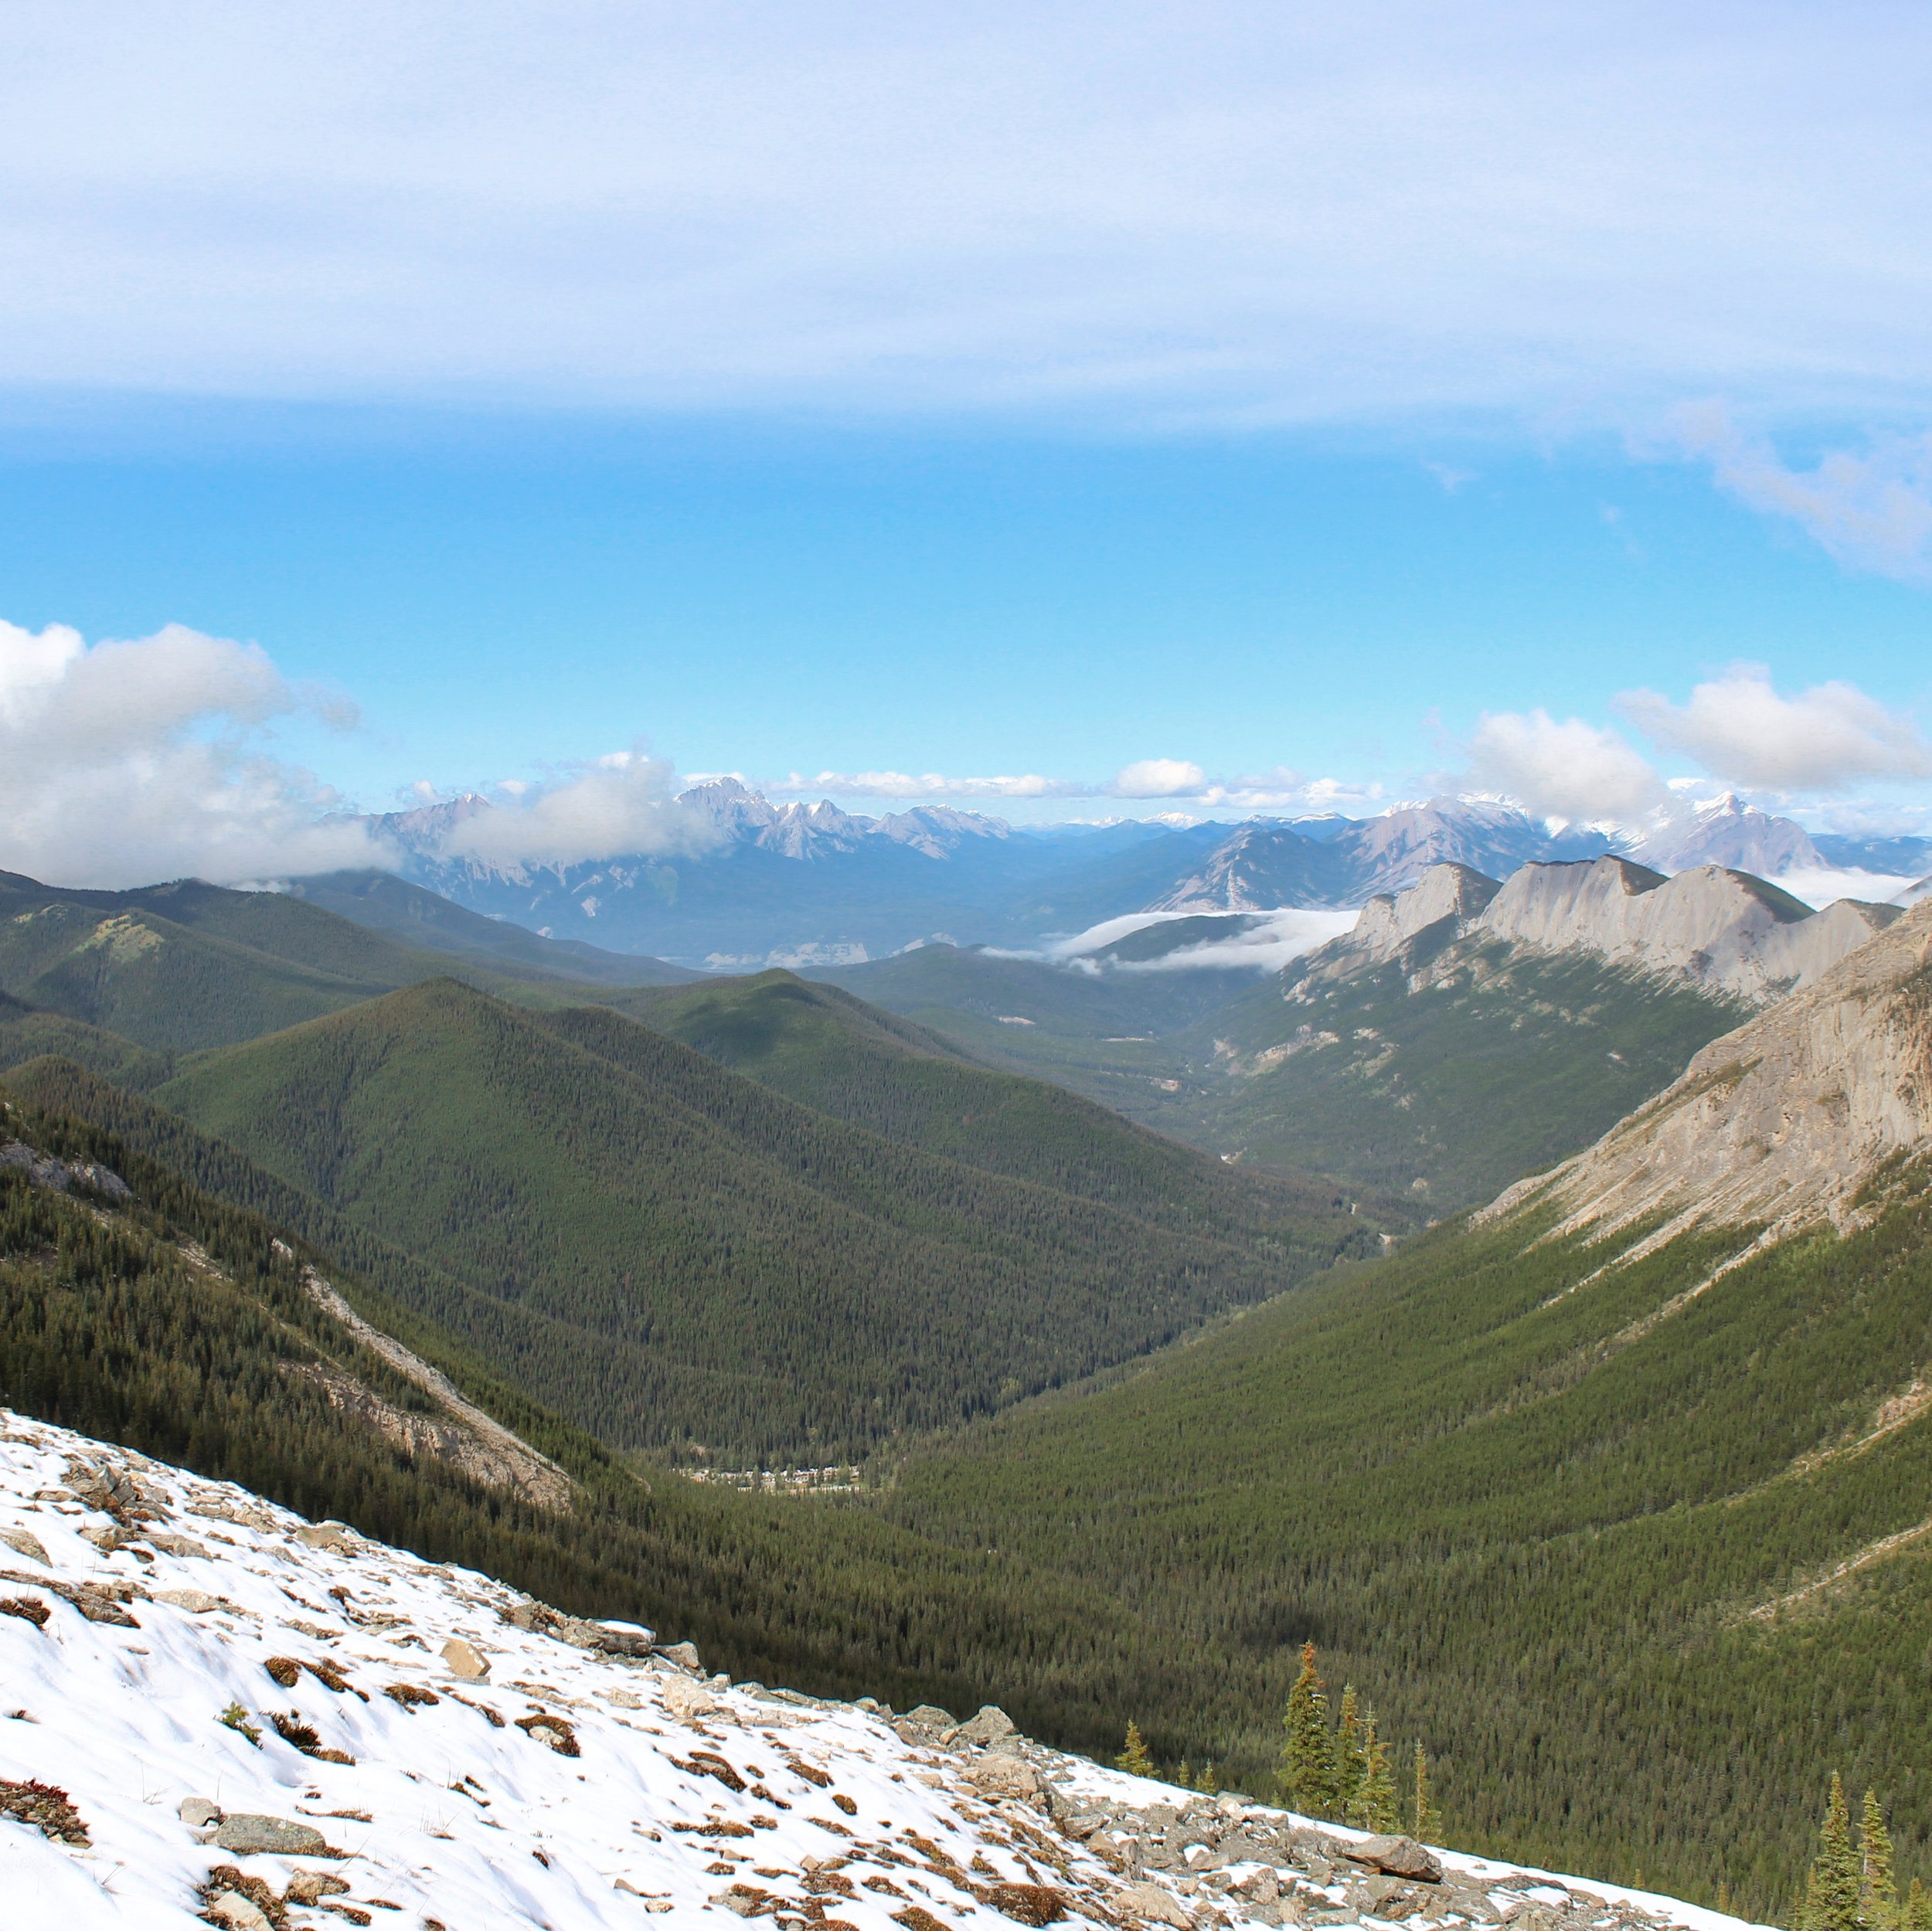 Views from the Sulphur Skyline hike